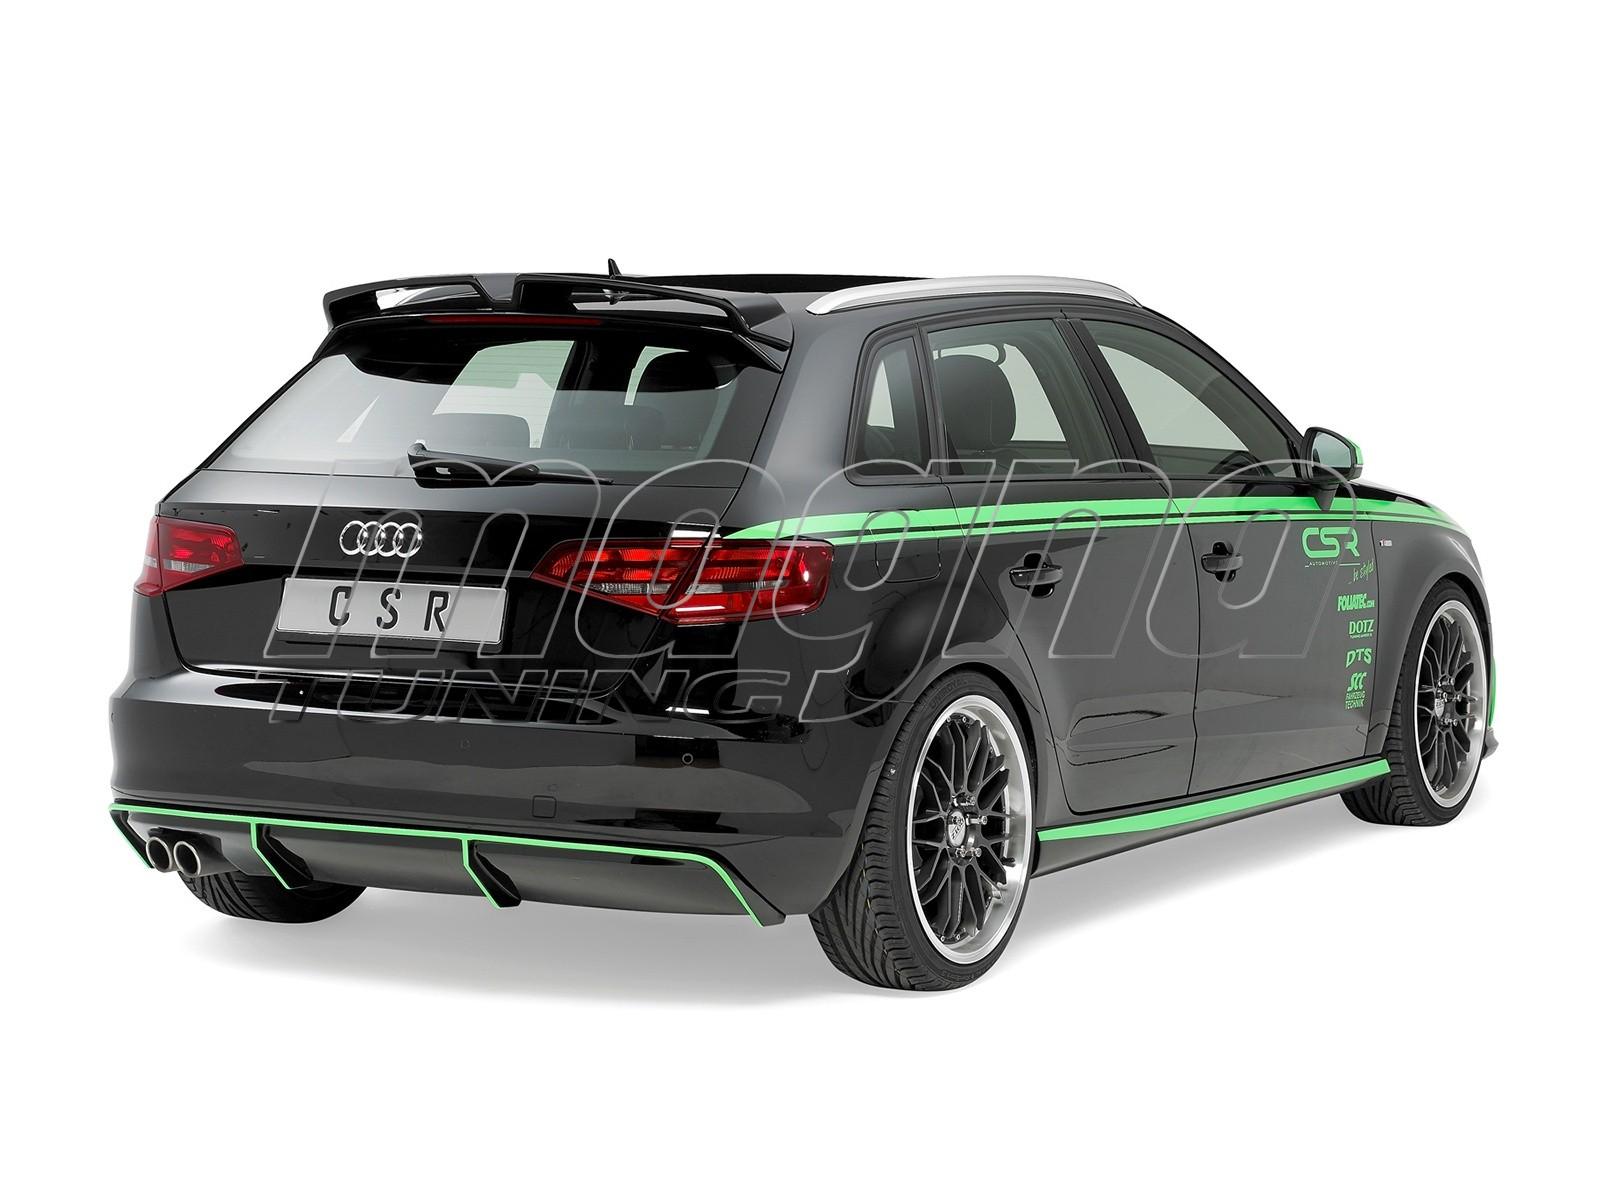 Audi A3 8V Extensie Bara Spate NewLine